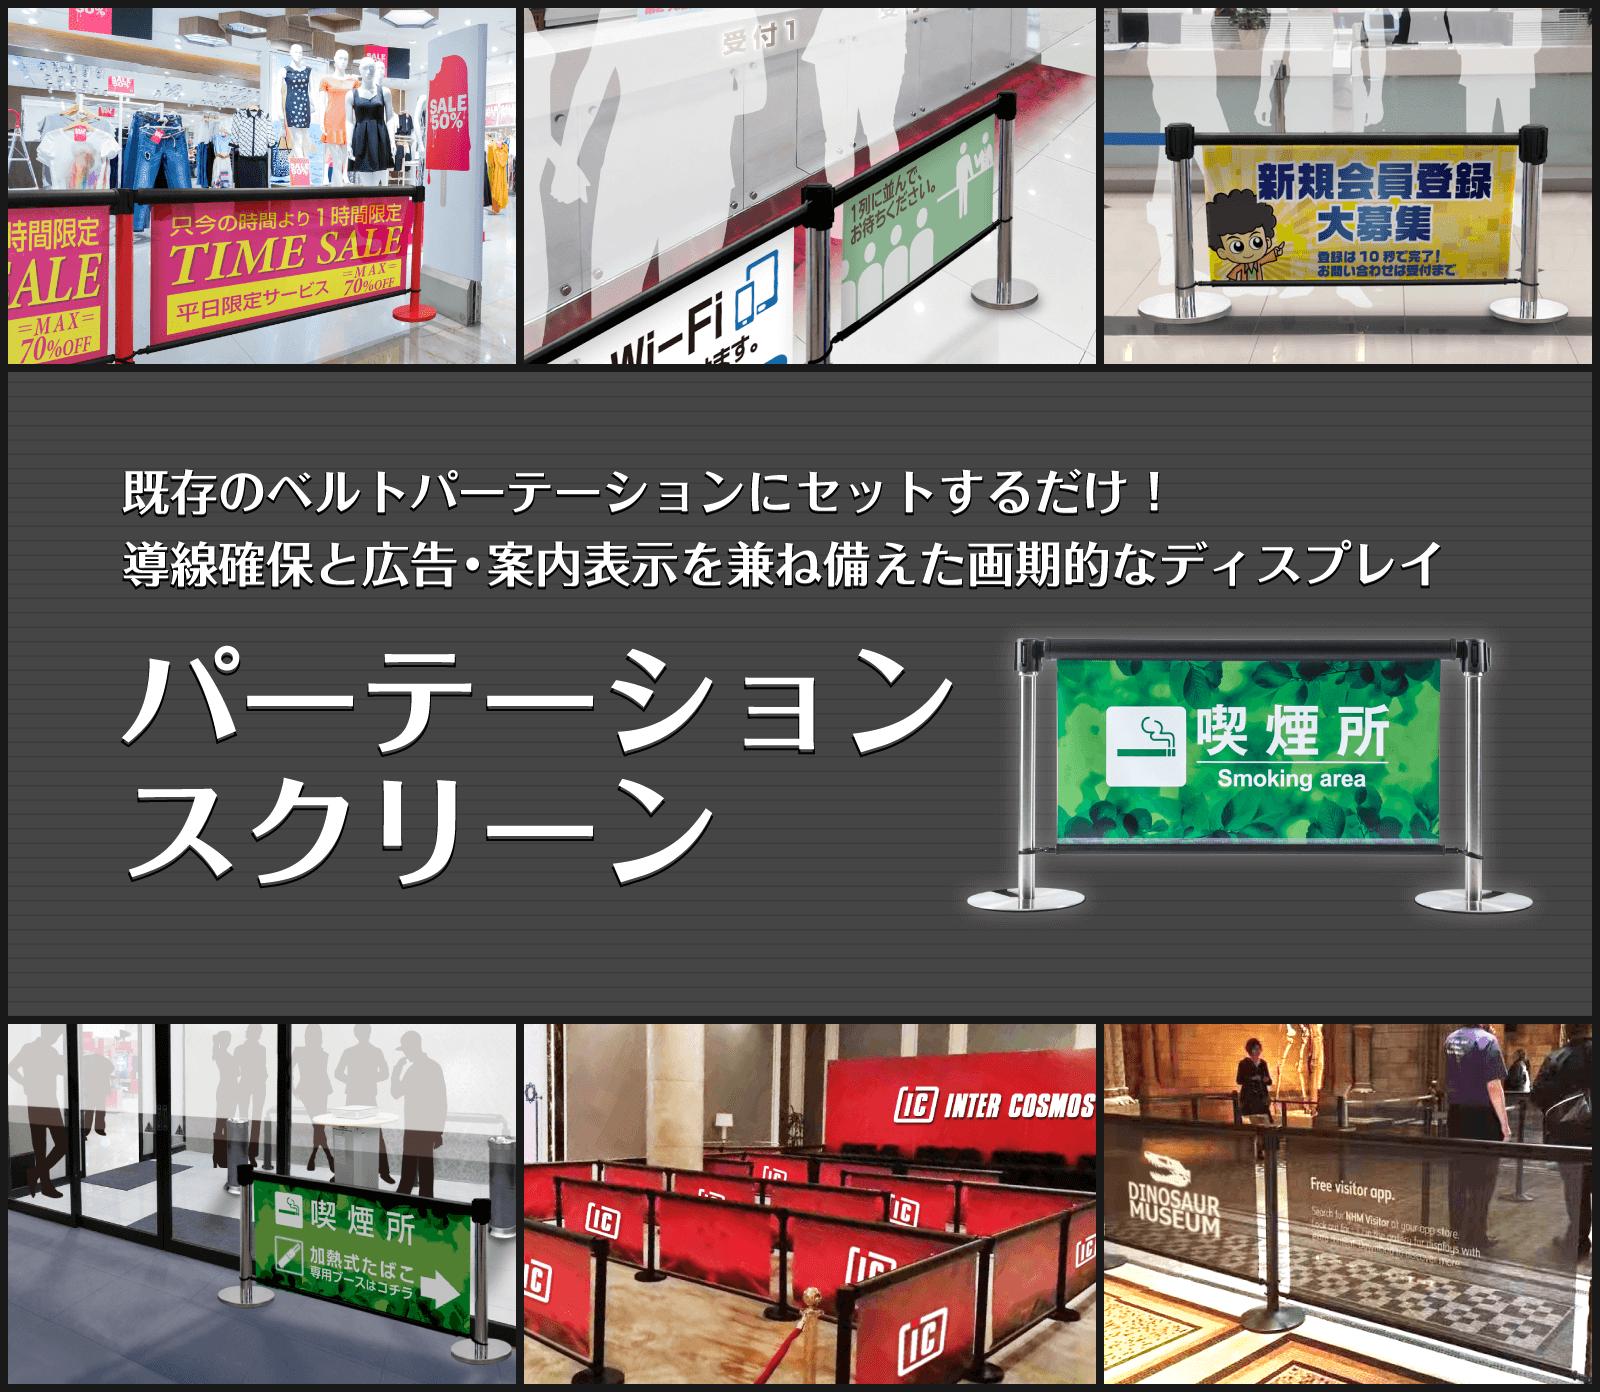 既存のベルトパーテーションにセットするだけ!導線確保と広告・案内表示を兼ね備えた画期的なディスプレイ『パーテーション スクリーン』